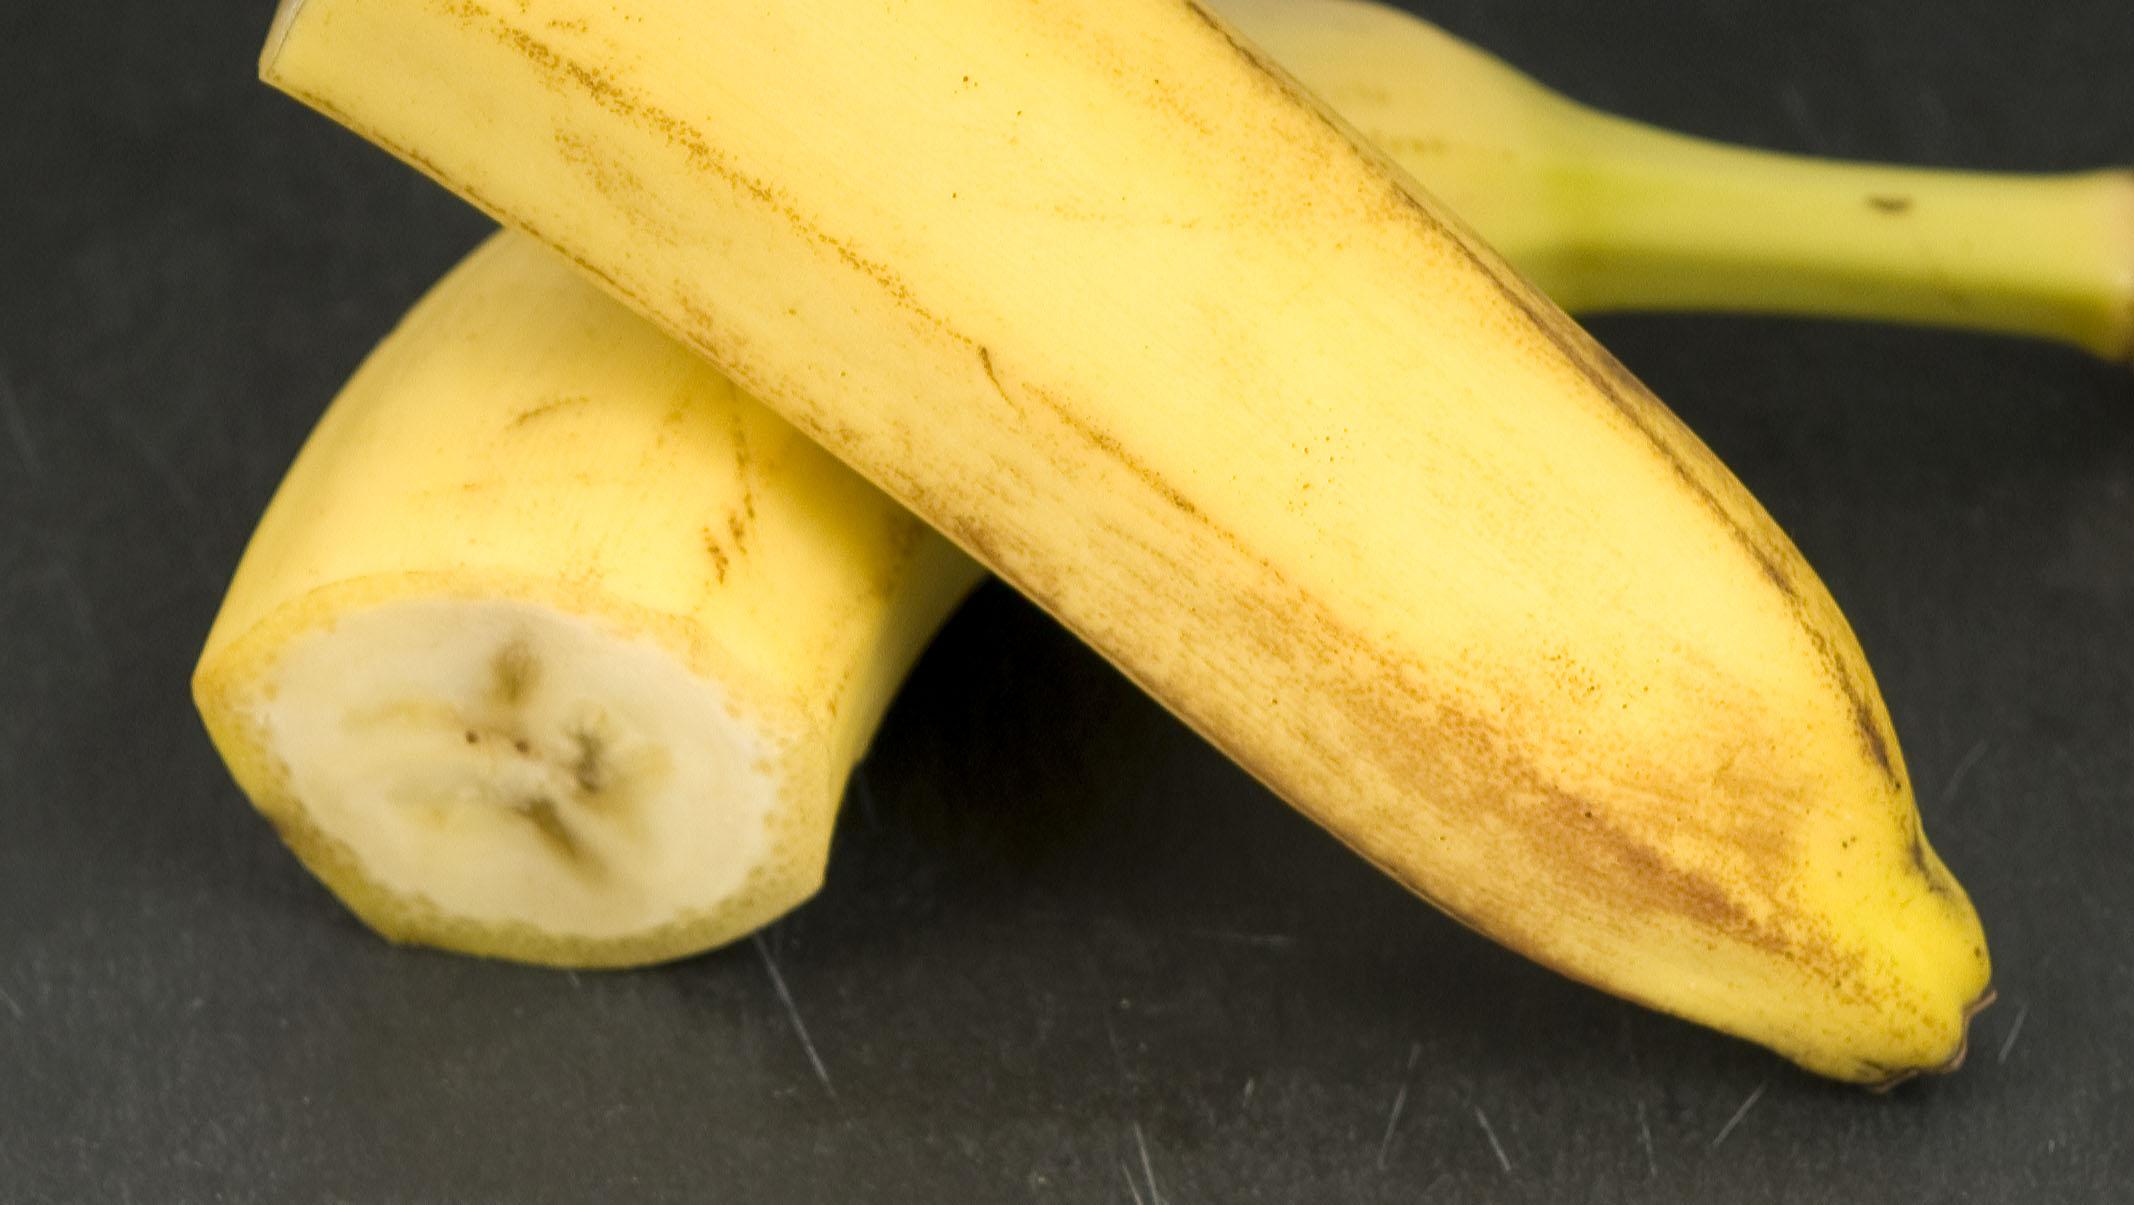 Arôme de banane dans le vin. Comment le reconnaitre ? Dans quels vins peut-on ressentir de la banane ? Tout savoir dans le guide du vin en ligne de Tastavin, votre caviste sur internet